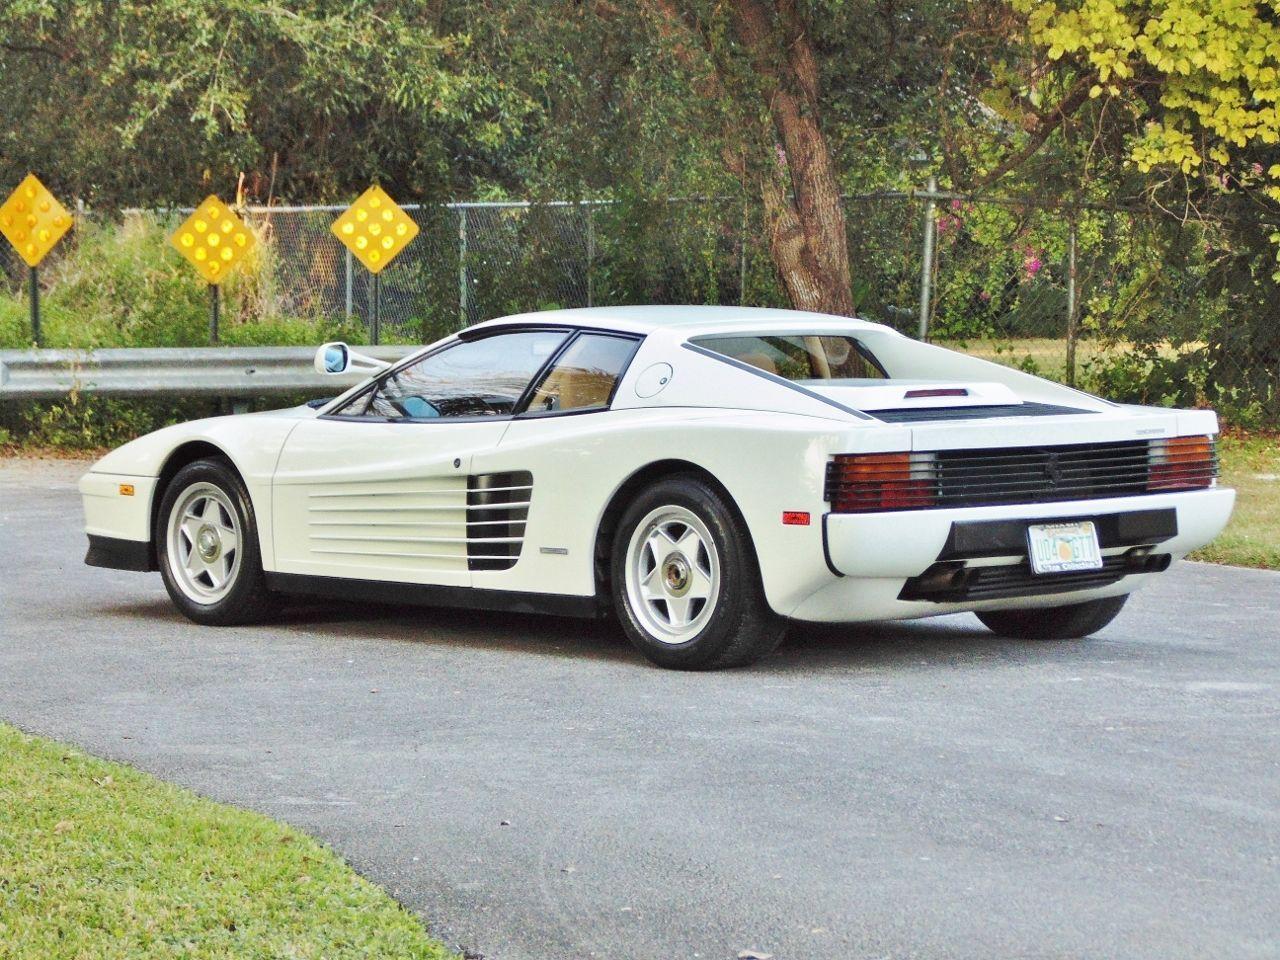 Miami Vice Style Ferrari Testarossa Miami Vice Ferrari